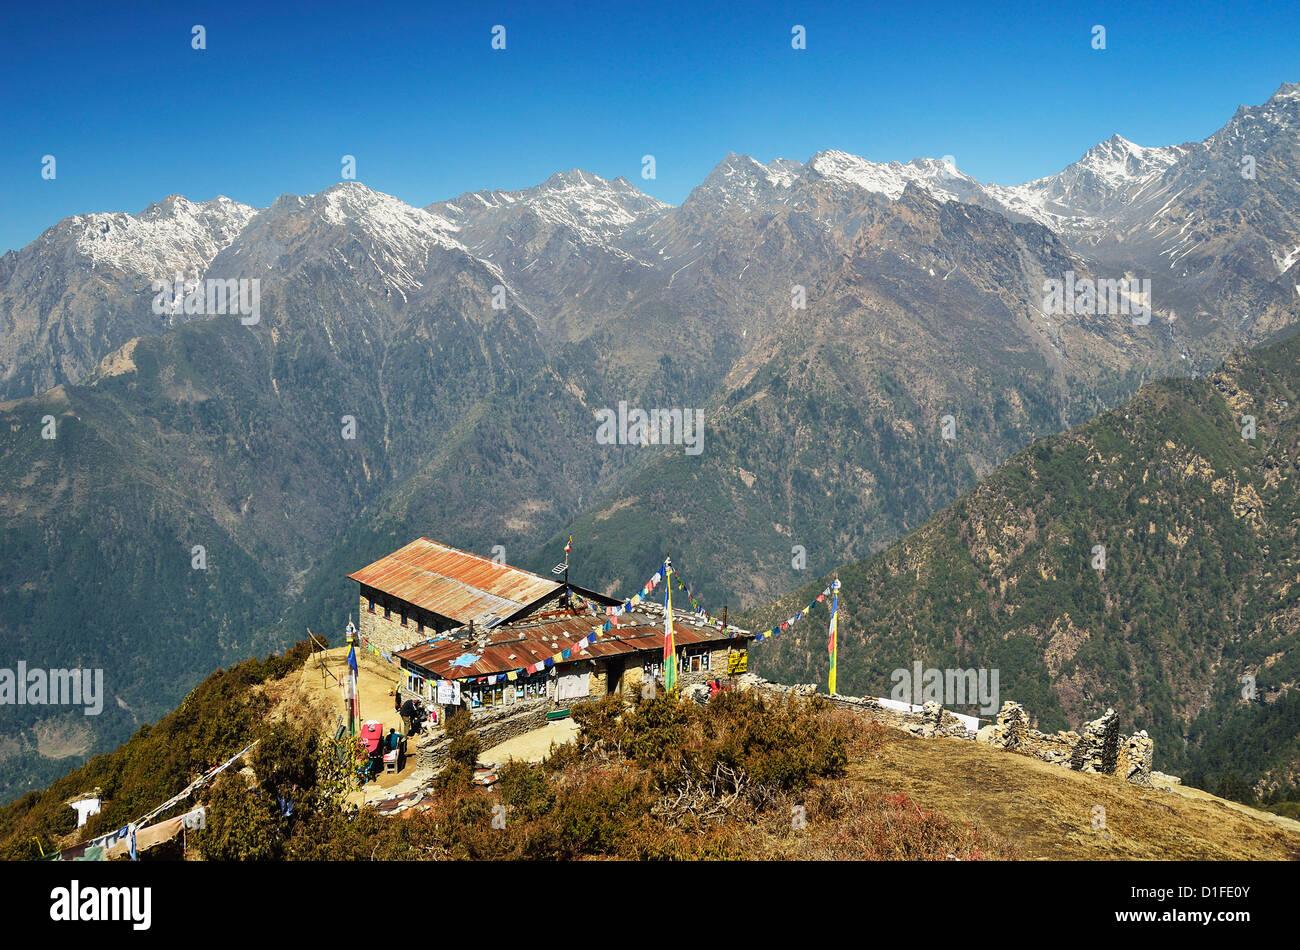 Vista de la cordillera Langtang Langtang, Parque Nacional, Bagmati, Región Central (Madhyamanchal), Nepal, Imagen De Stock